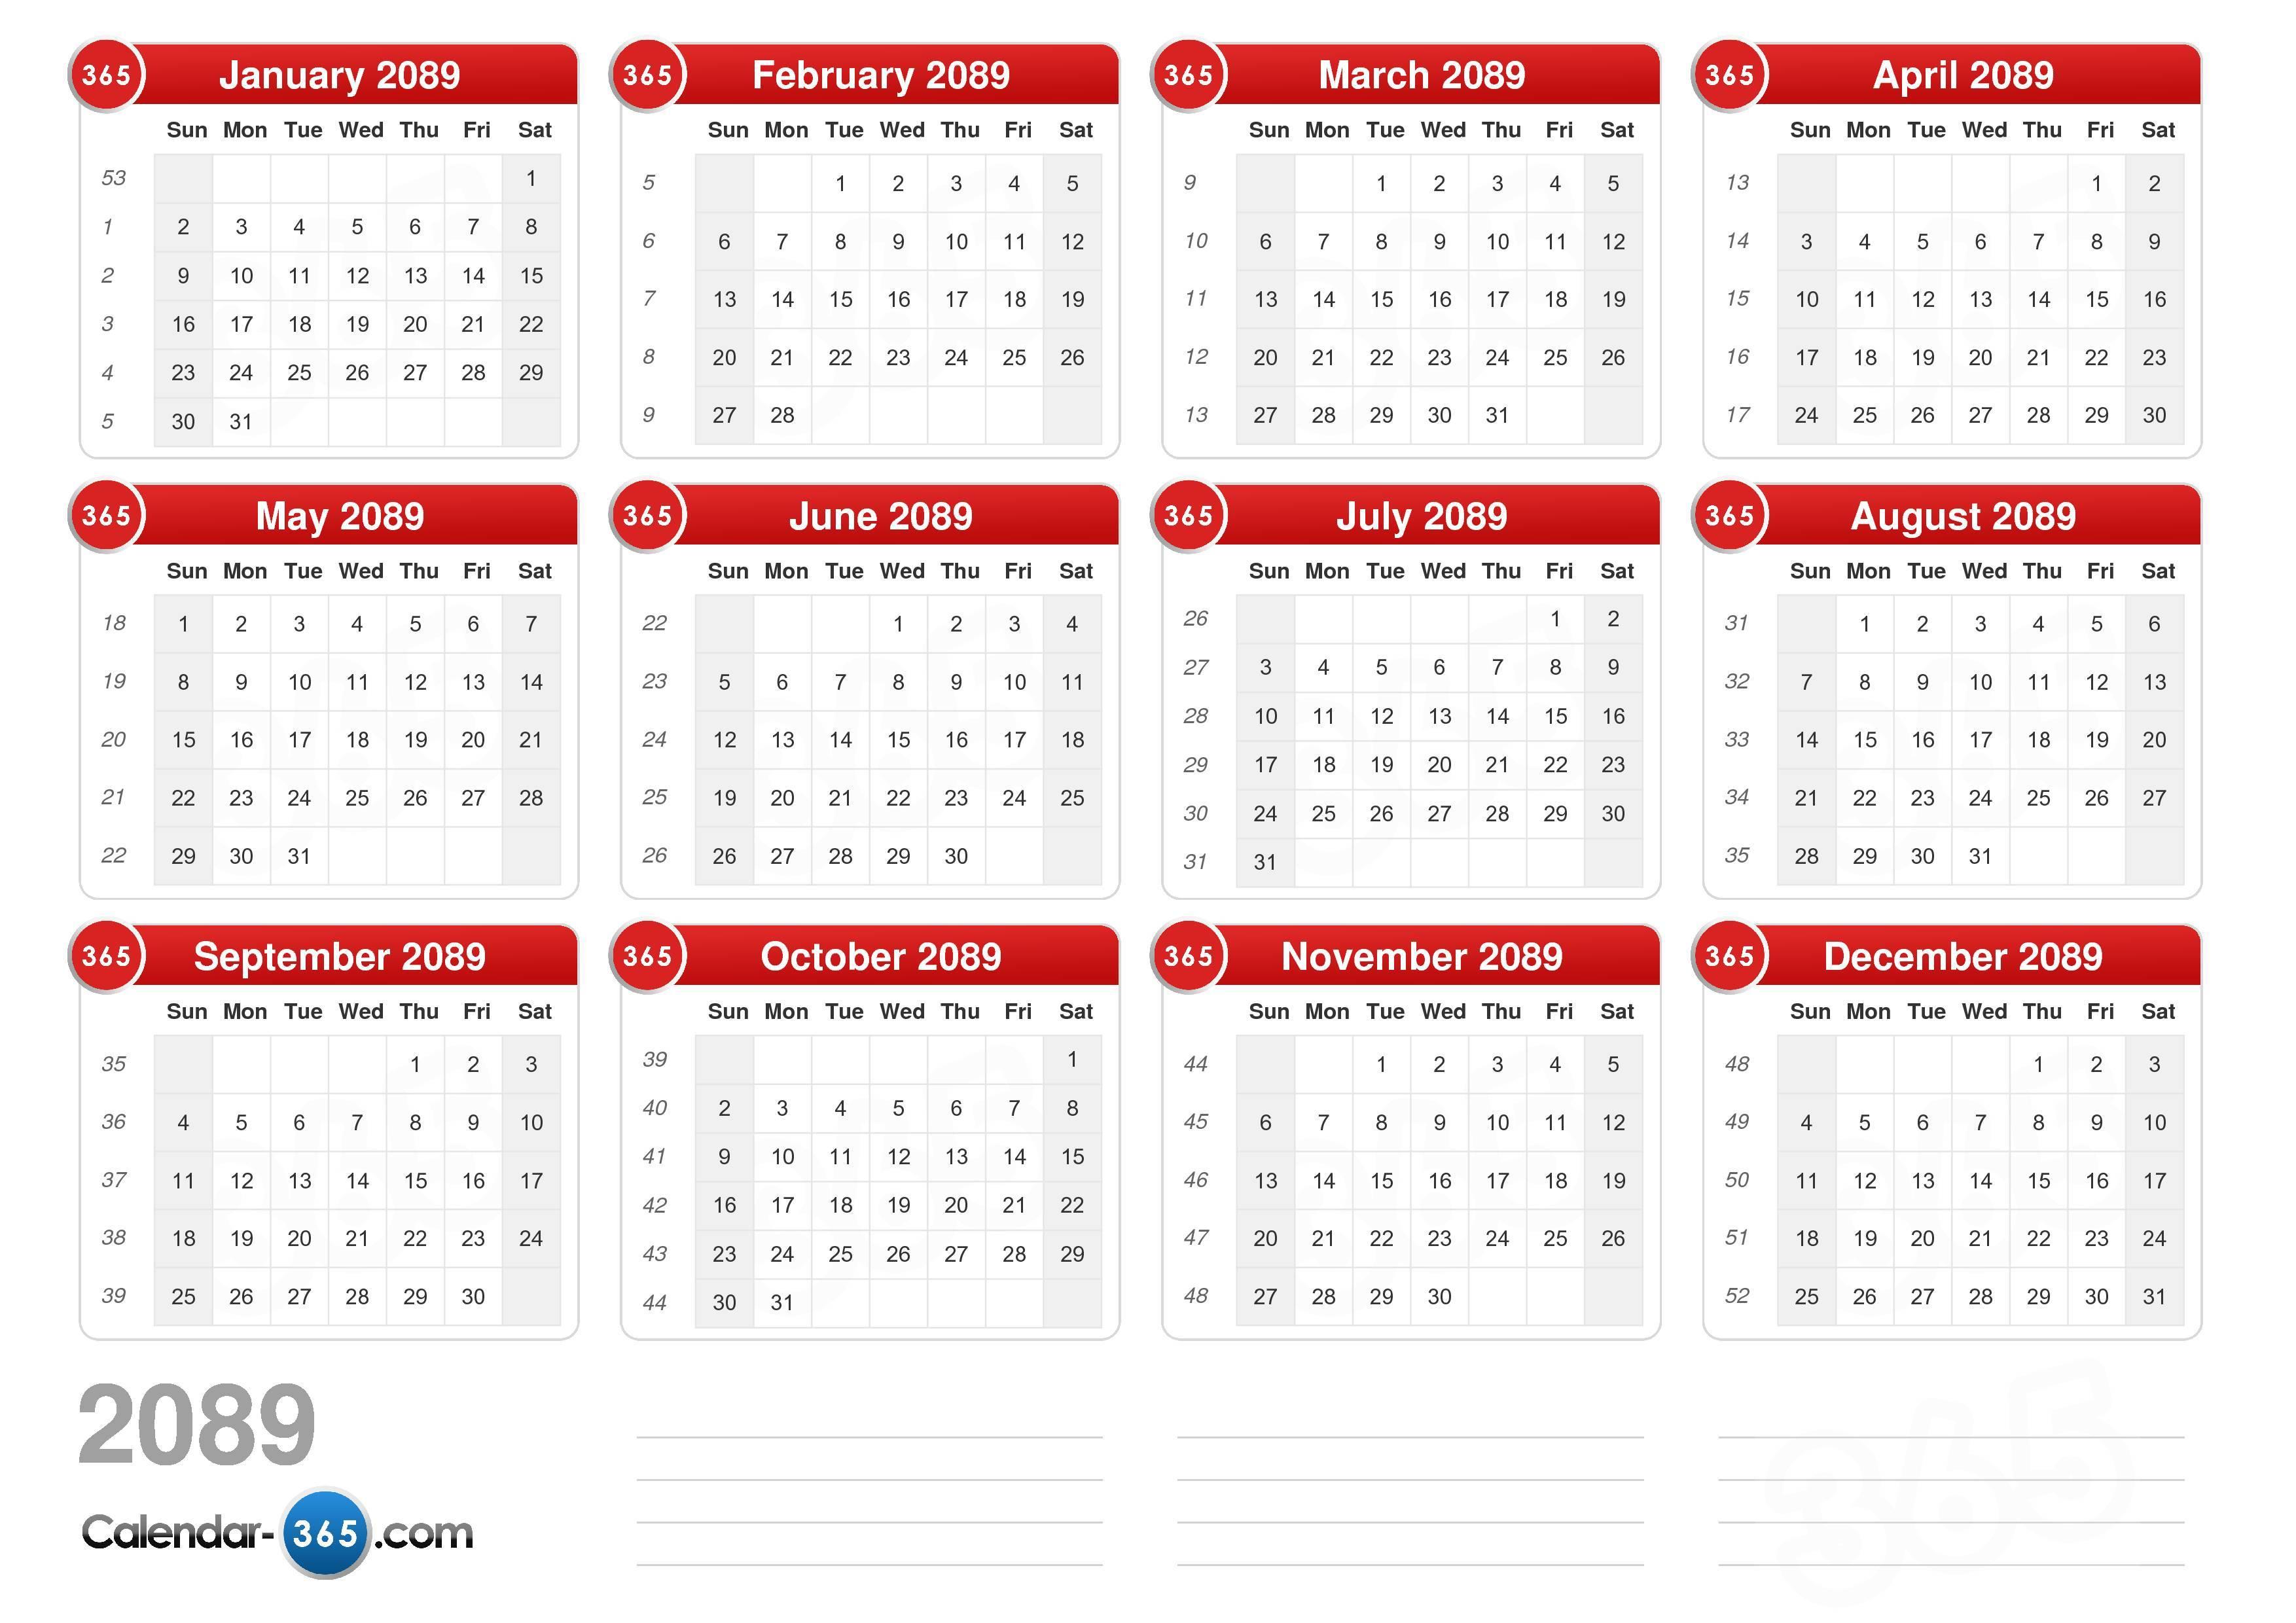 2089 Calendar (v2)